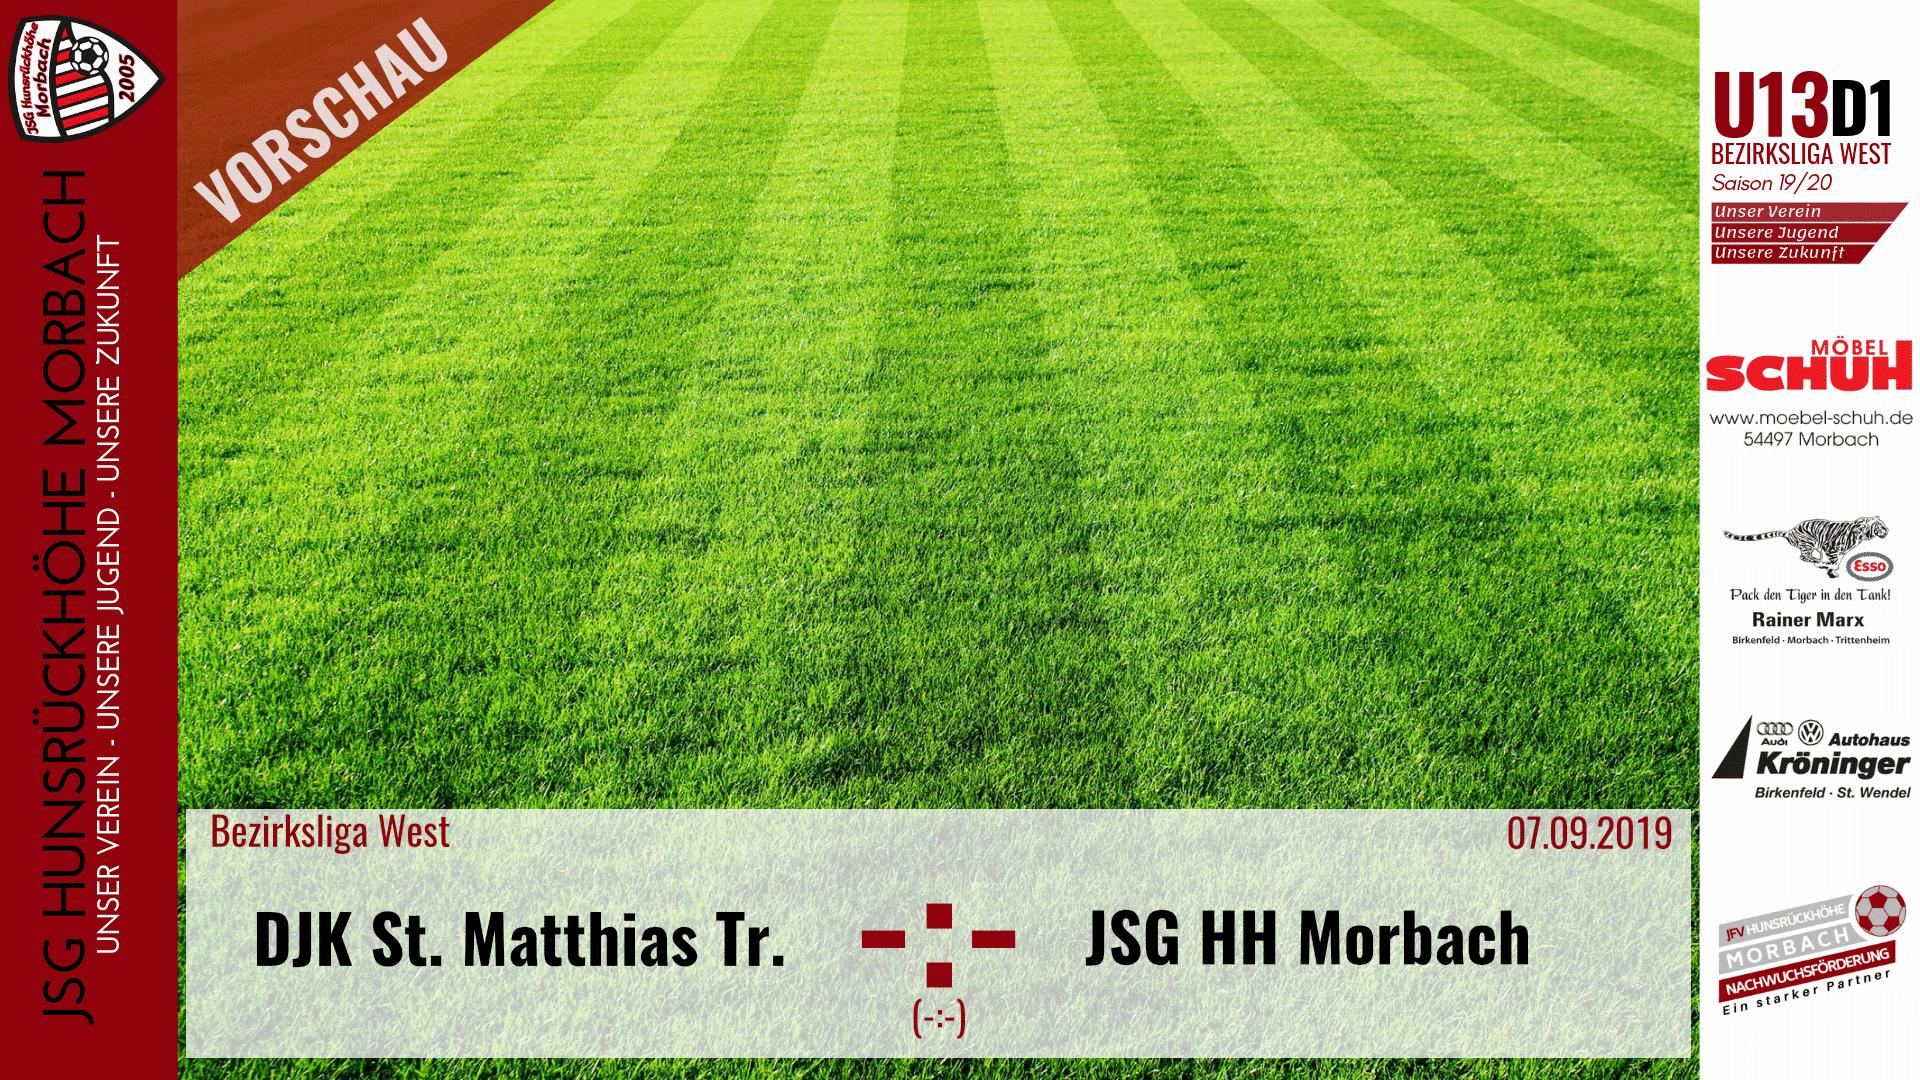 U13 D1: Vorbericht ~ DJK St. Matthias Trier – JSG Hunsrückhöhe Morbach ~ Sa., 07.09.2019 14:00 Uhr